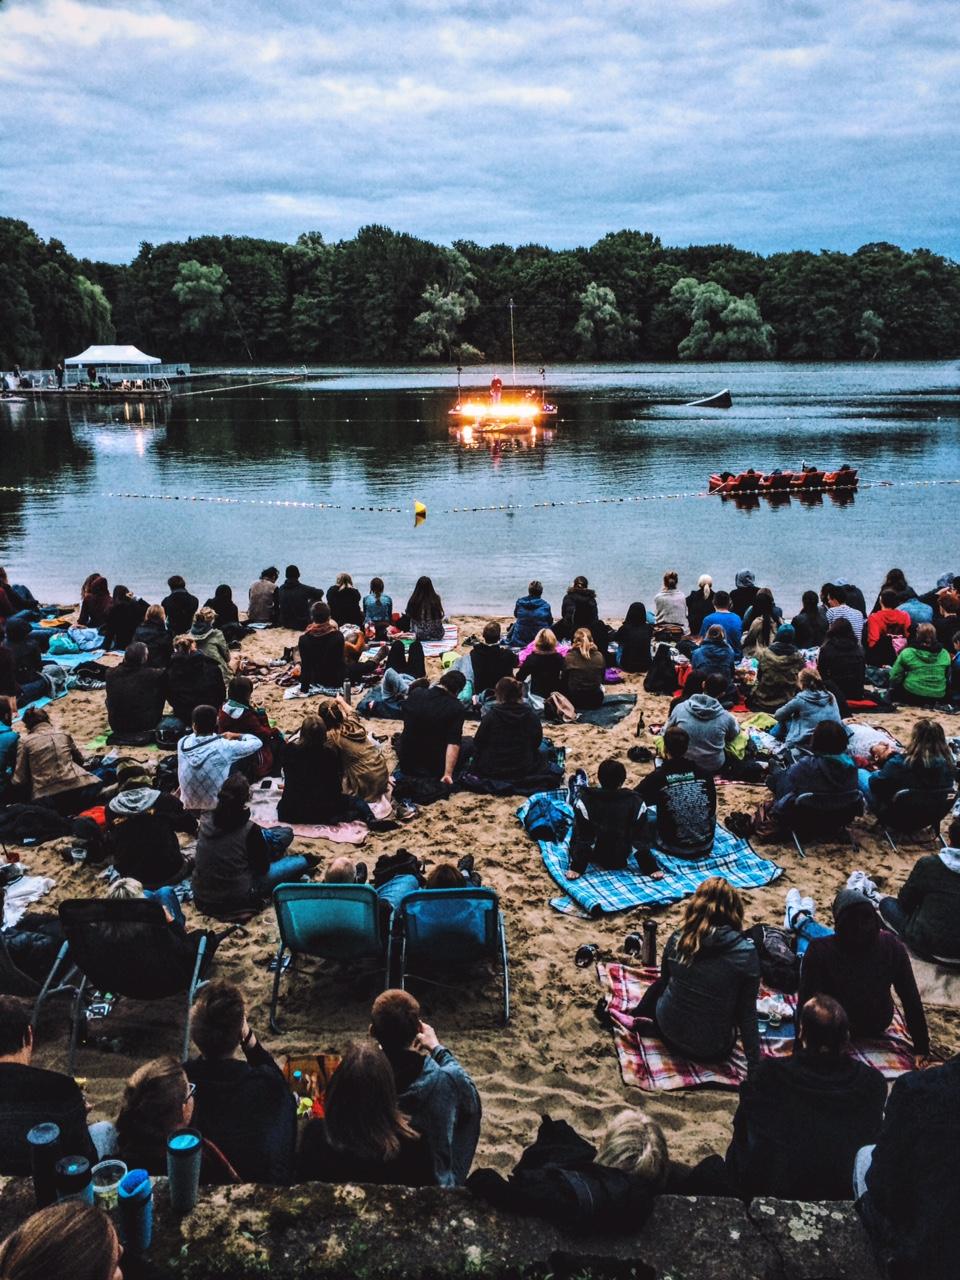 Menschen sitzen am Strand und schauen auf die schwimmende Bühne